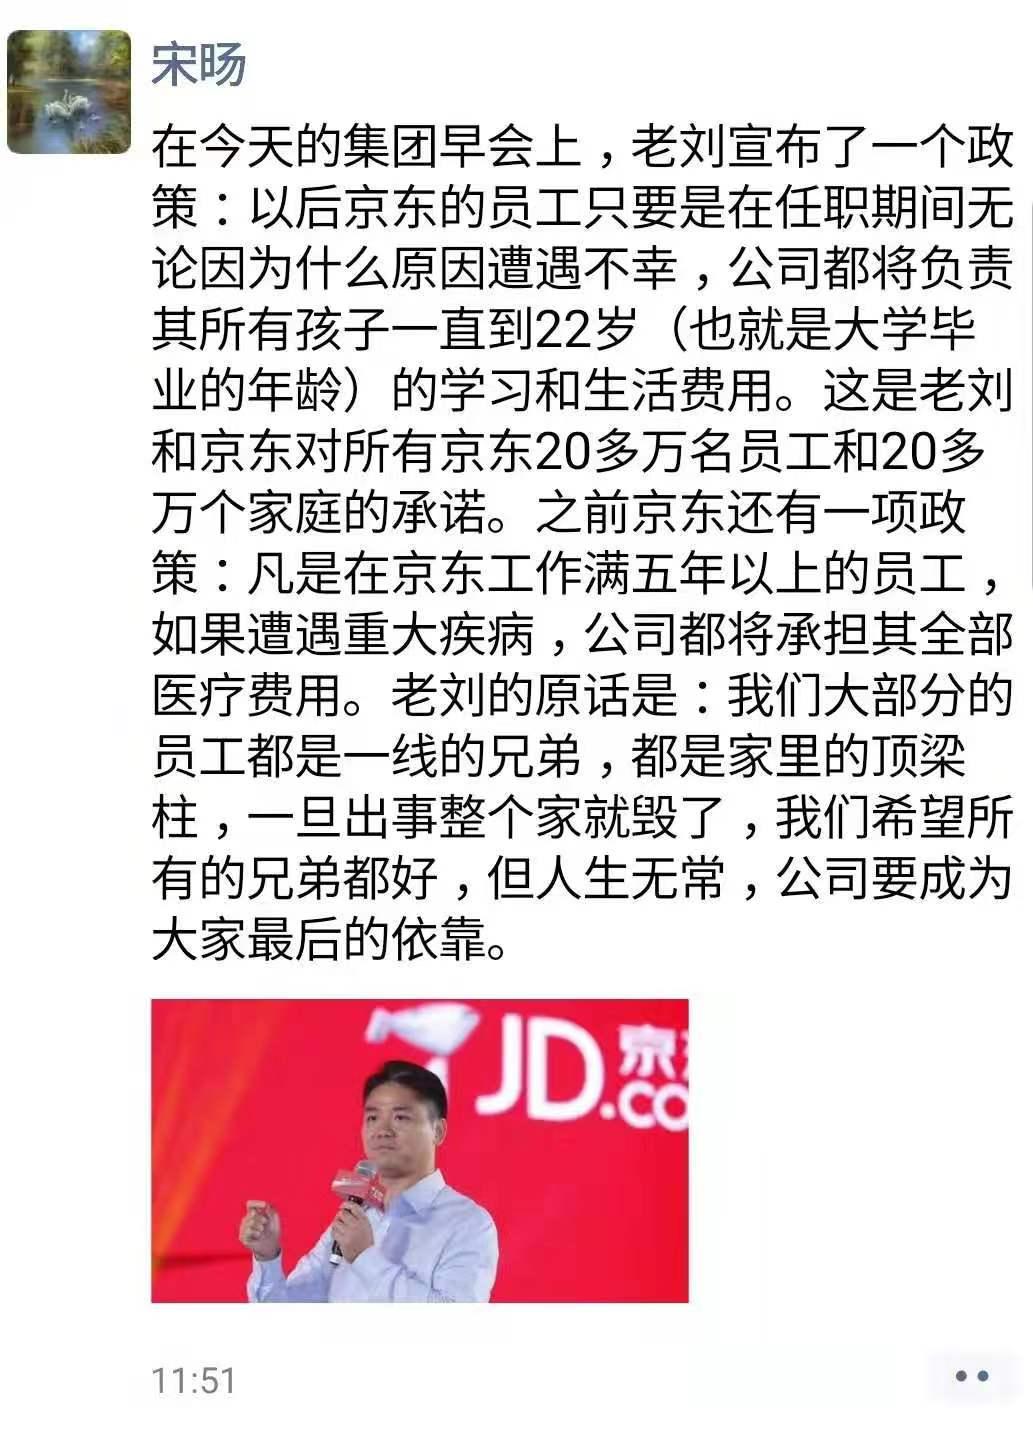 刘强东:京东员工遭遇不幸的话 将负责子女费用到22岁的照片 - 2